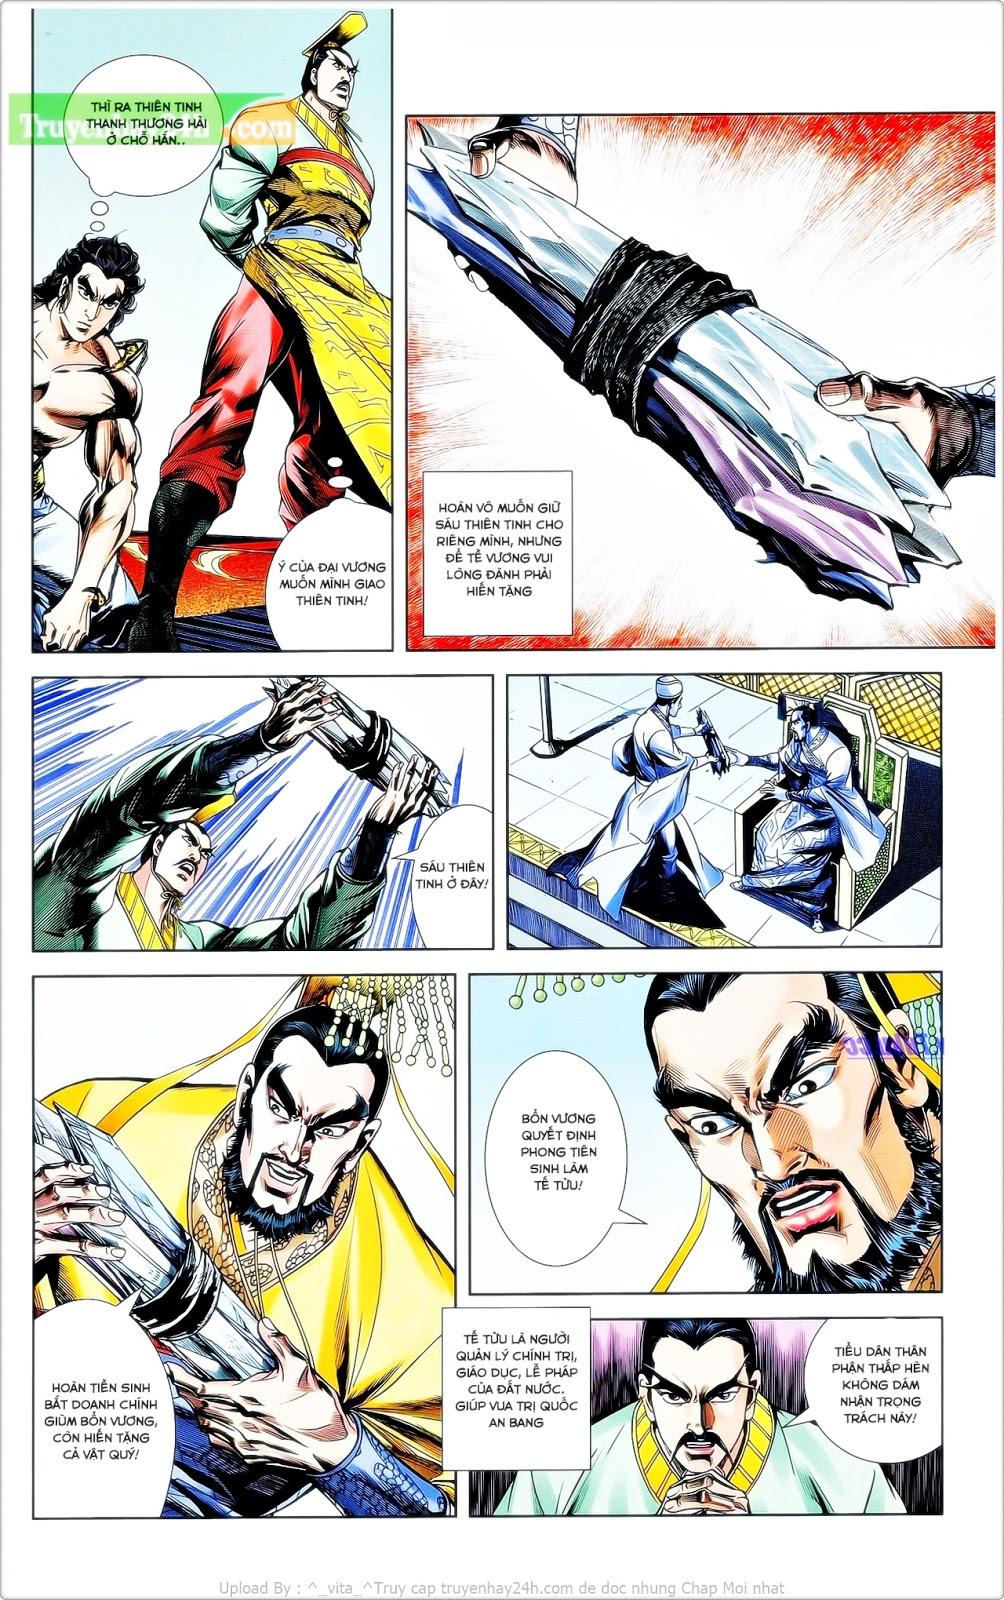 Tần Vương Doanh Chính chapter 24 trang 11